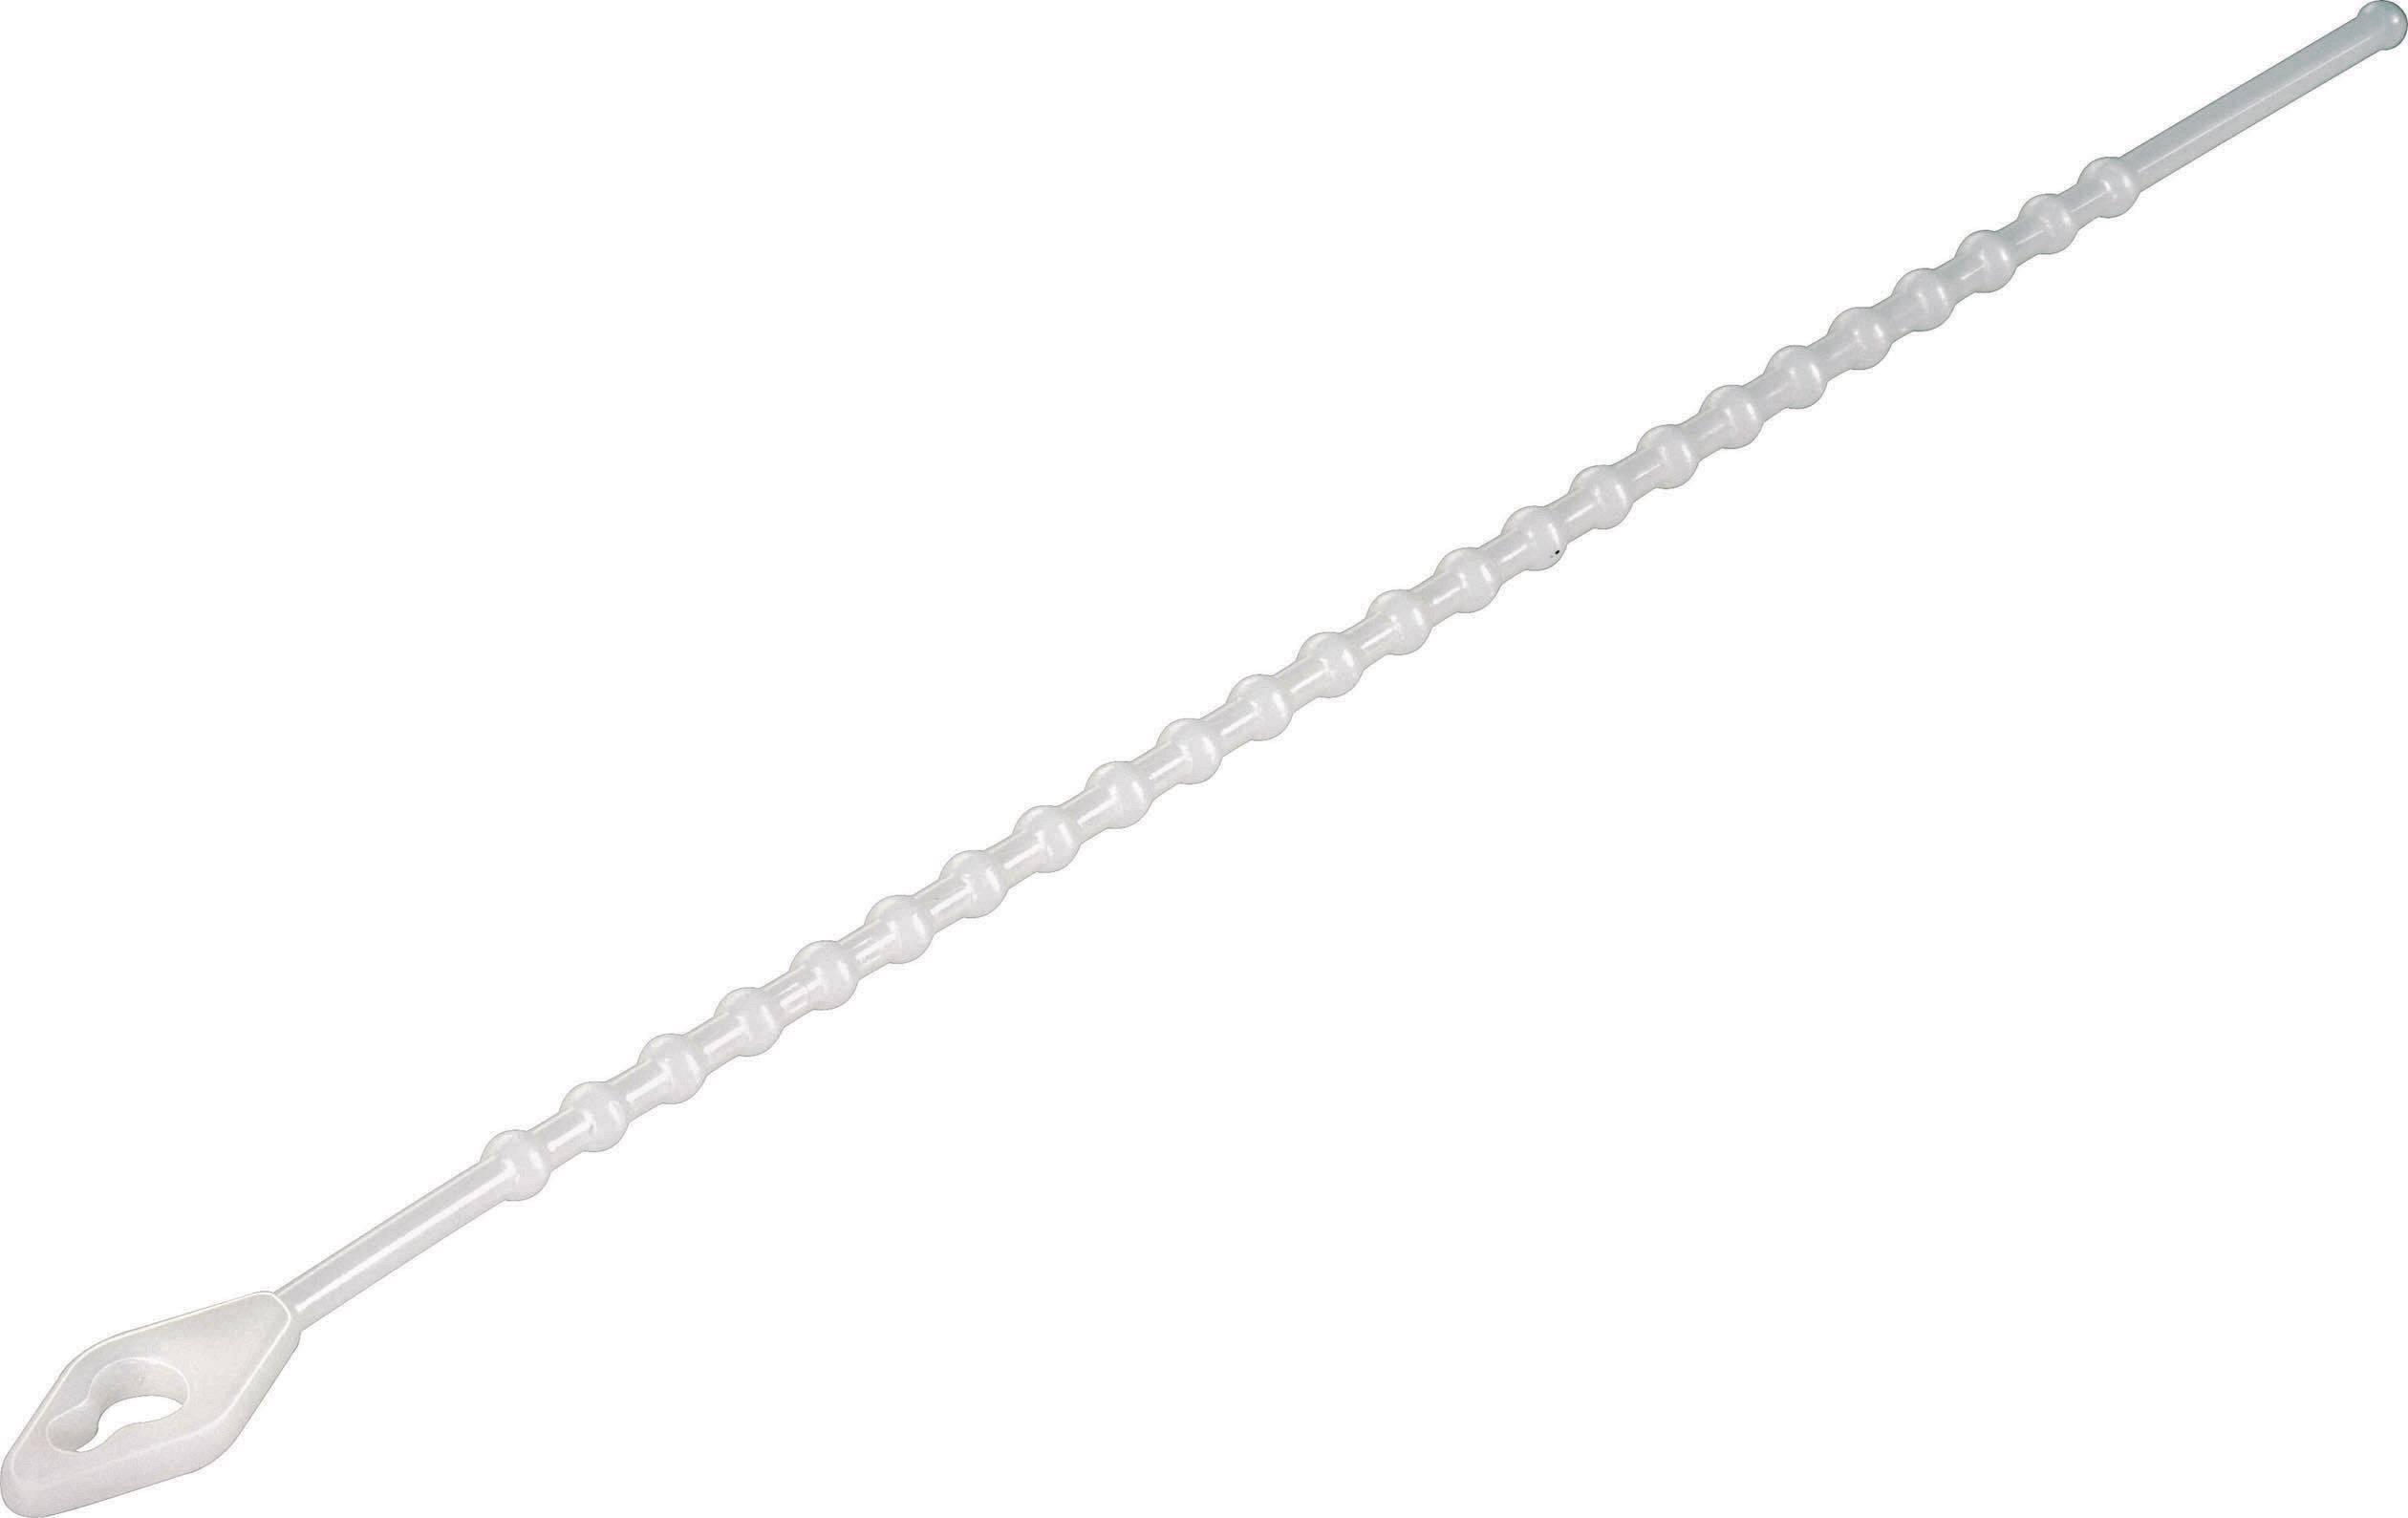 Perličkové stahovací pásky KSS TV280, 280 x 3 mm, 100 ks, transparentní